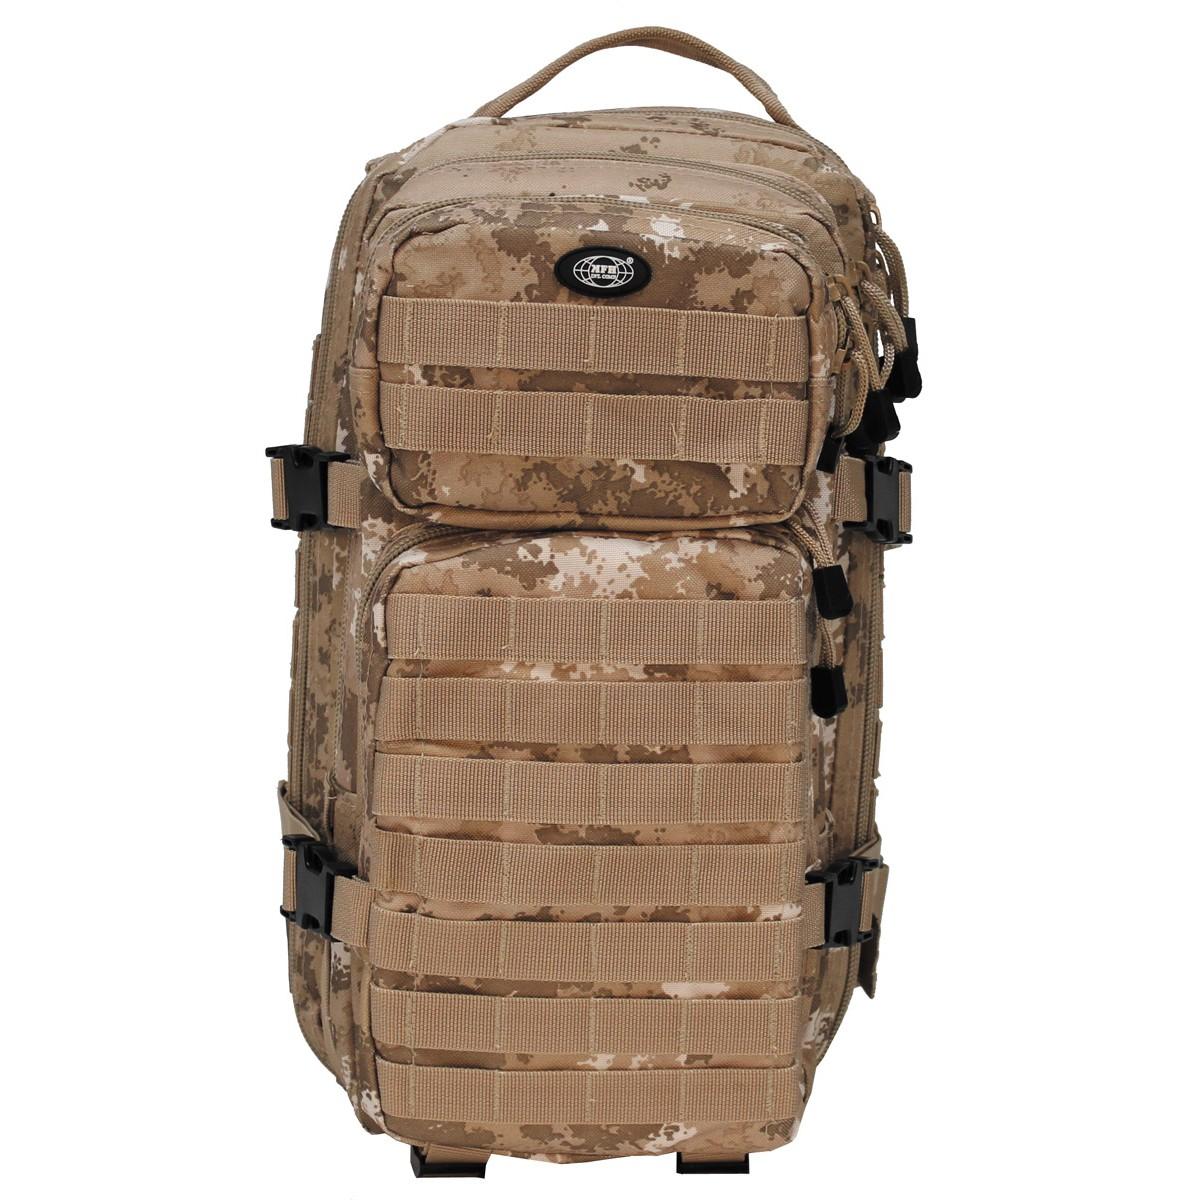 Batoh MFH US Assault S - vegetato desert